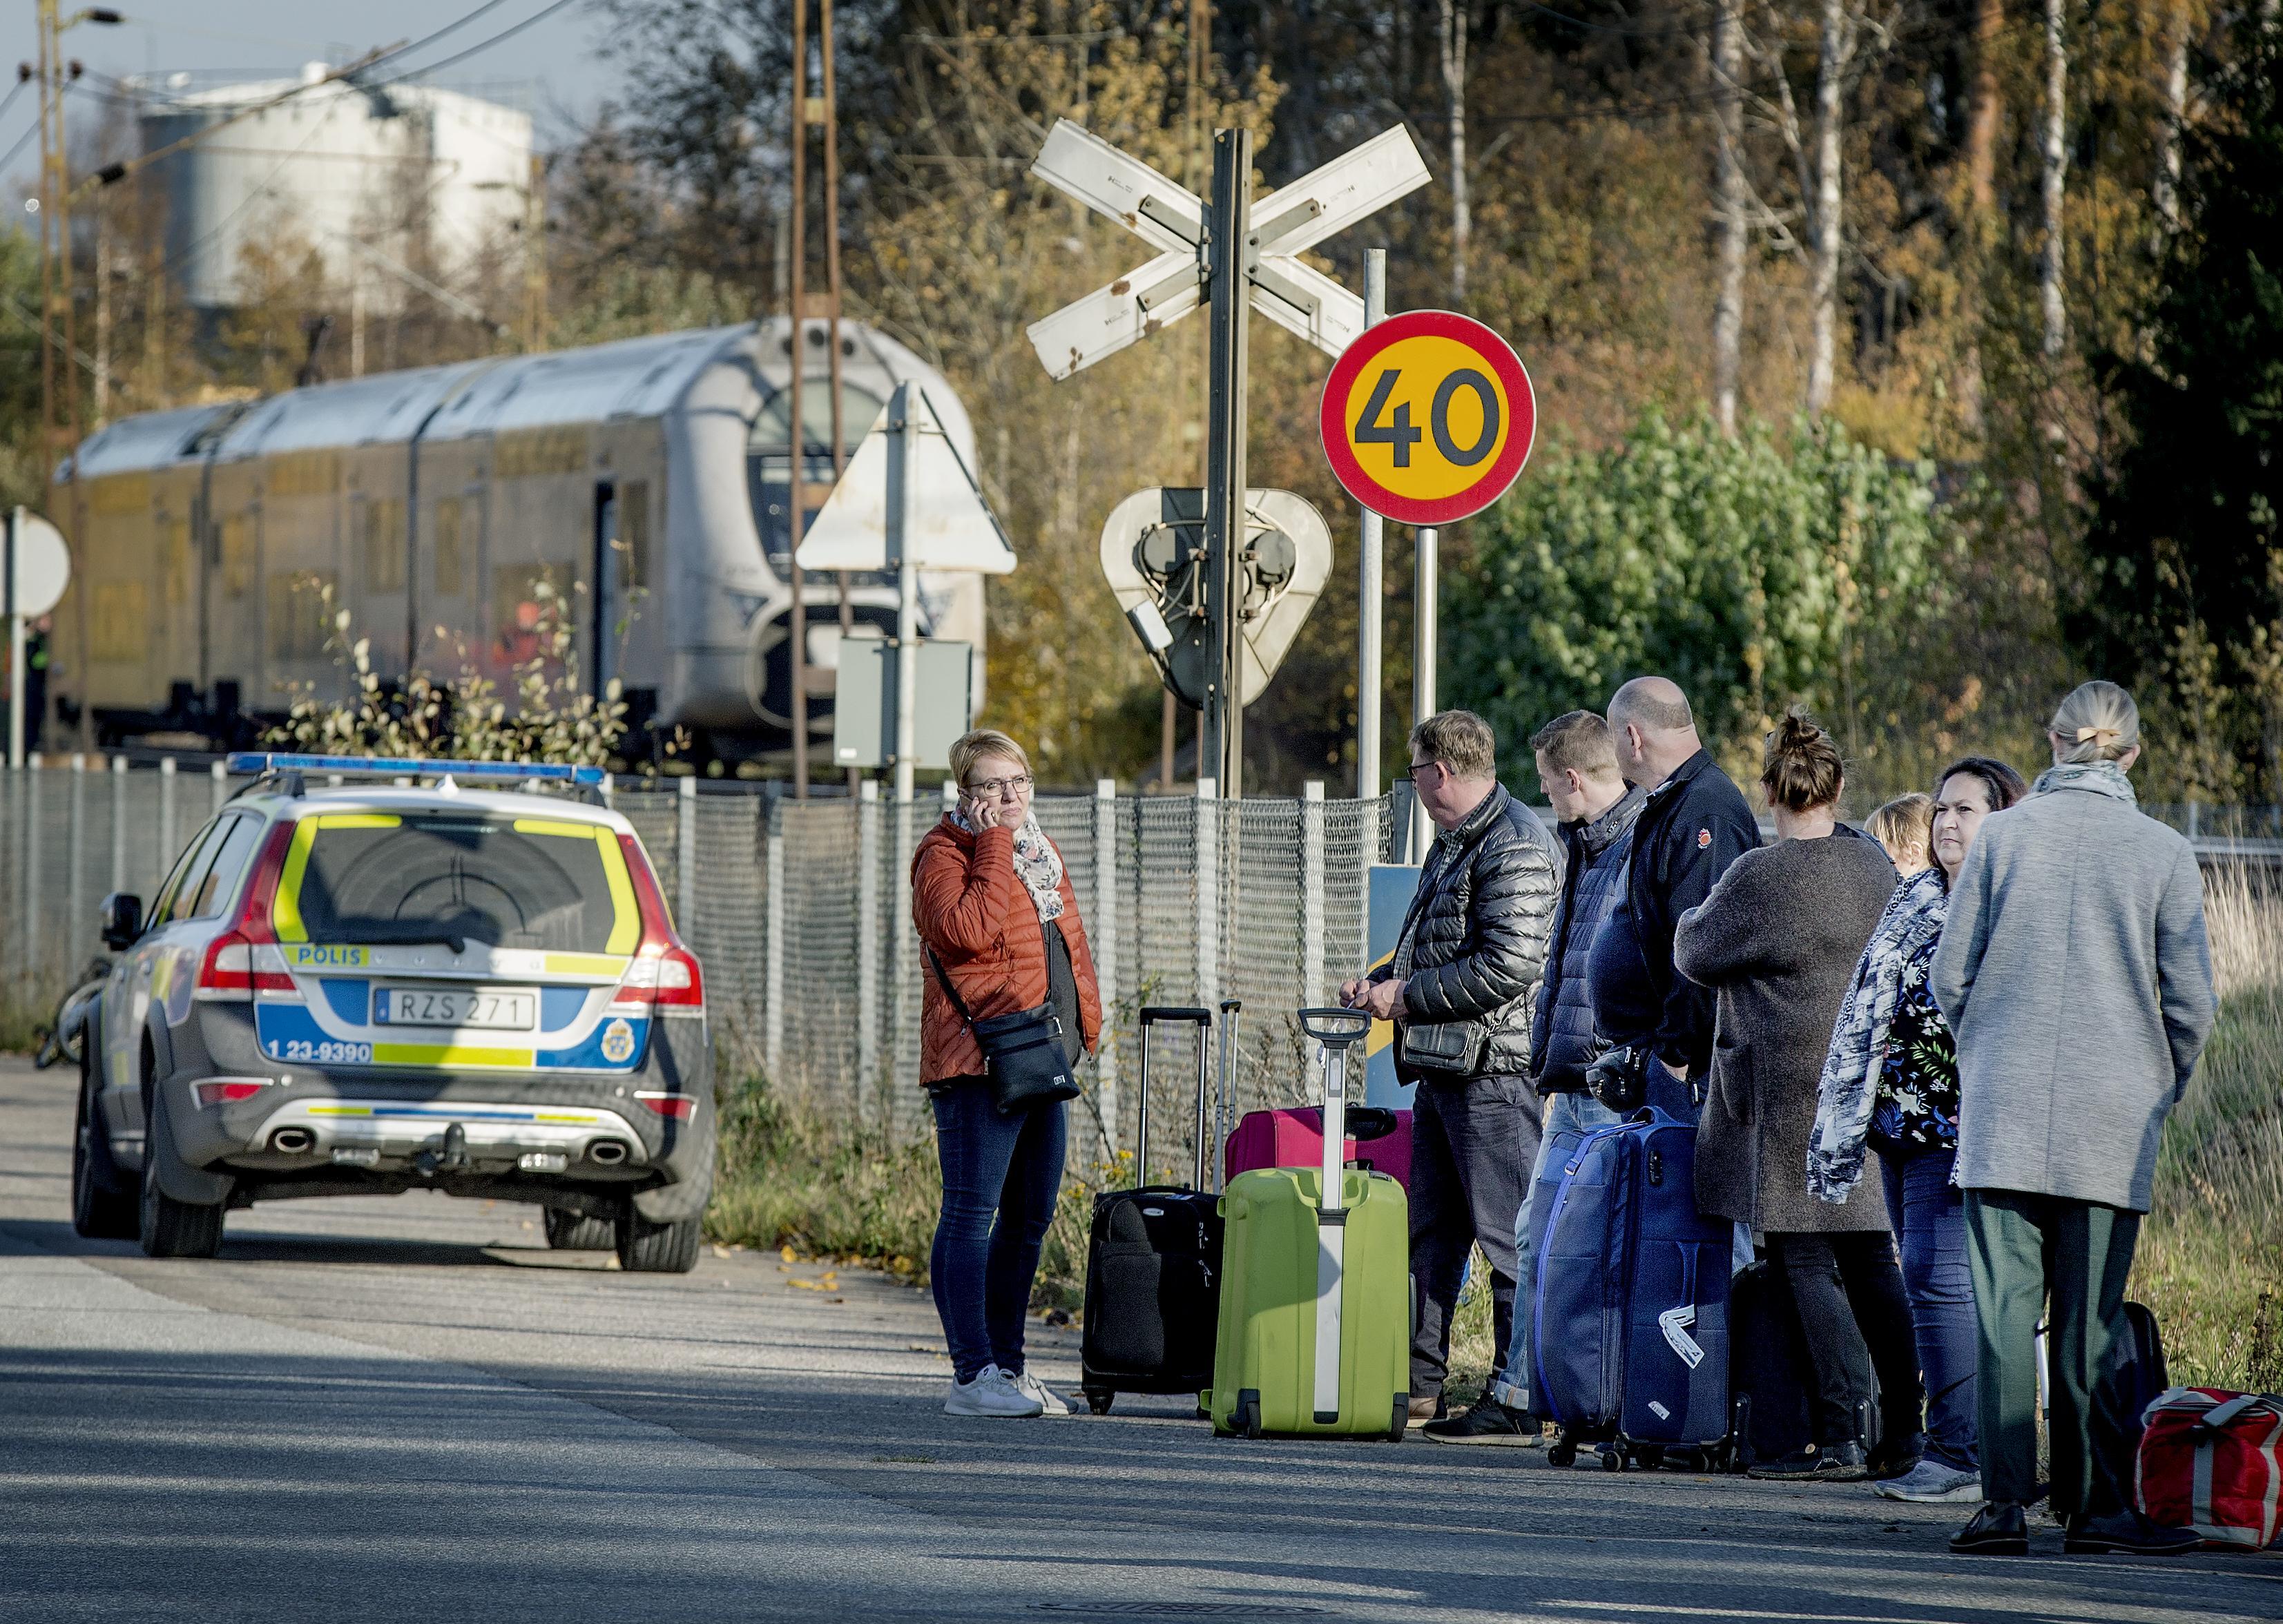 En kranbil rev ner en kontaktledning i södra Kumla. Tågen stannade och passagerare fick evakueras och fortsätta med buss. Olyckan ledde till stopp i tågtrafiken och förseningar när spåren åter öppnade.